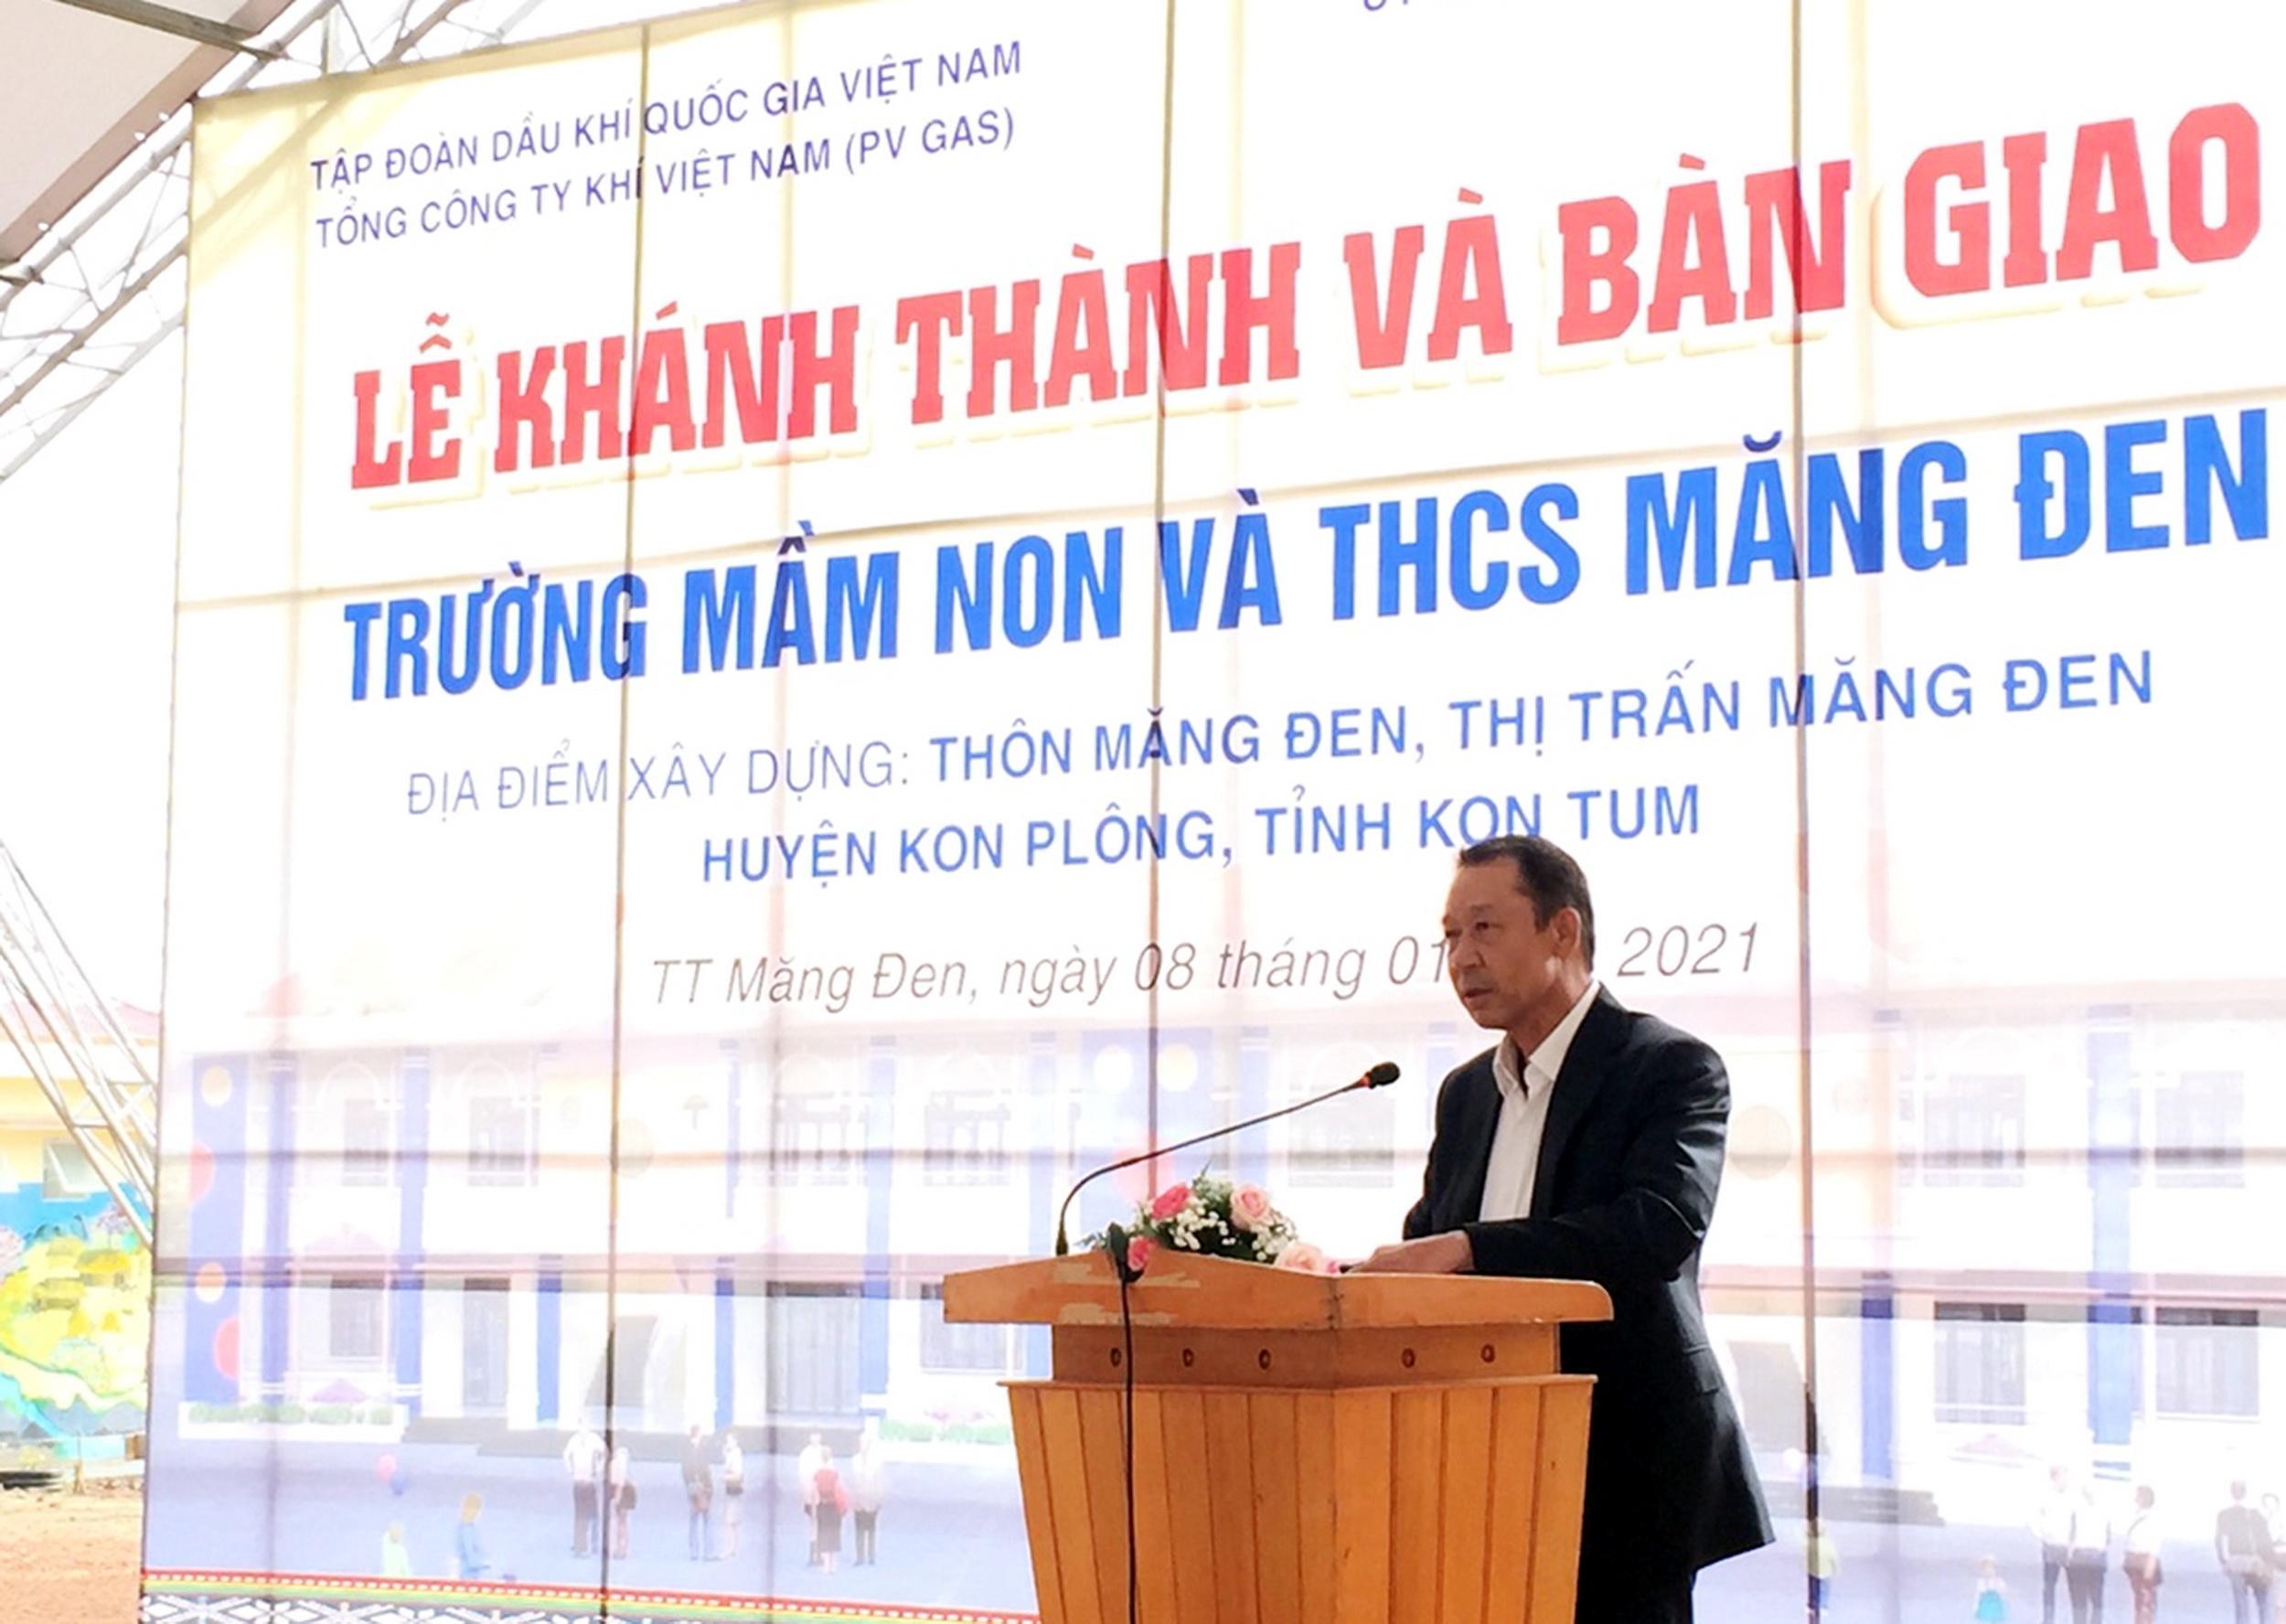 Phát biểu của lãnh đạo đơn vị tài trợ công trình: PTGĐ PV GAS Nguyễn Thanh Nghị